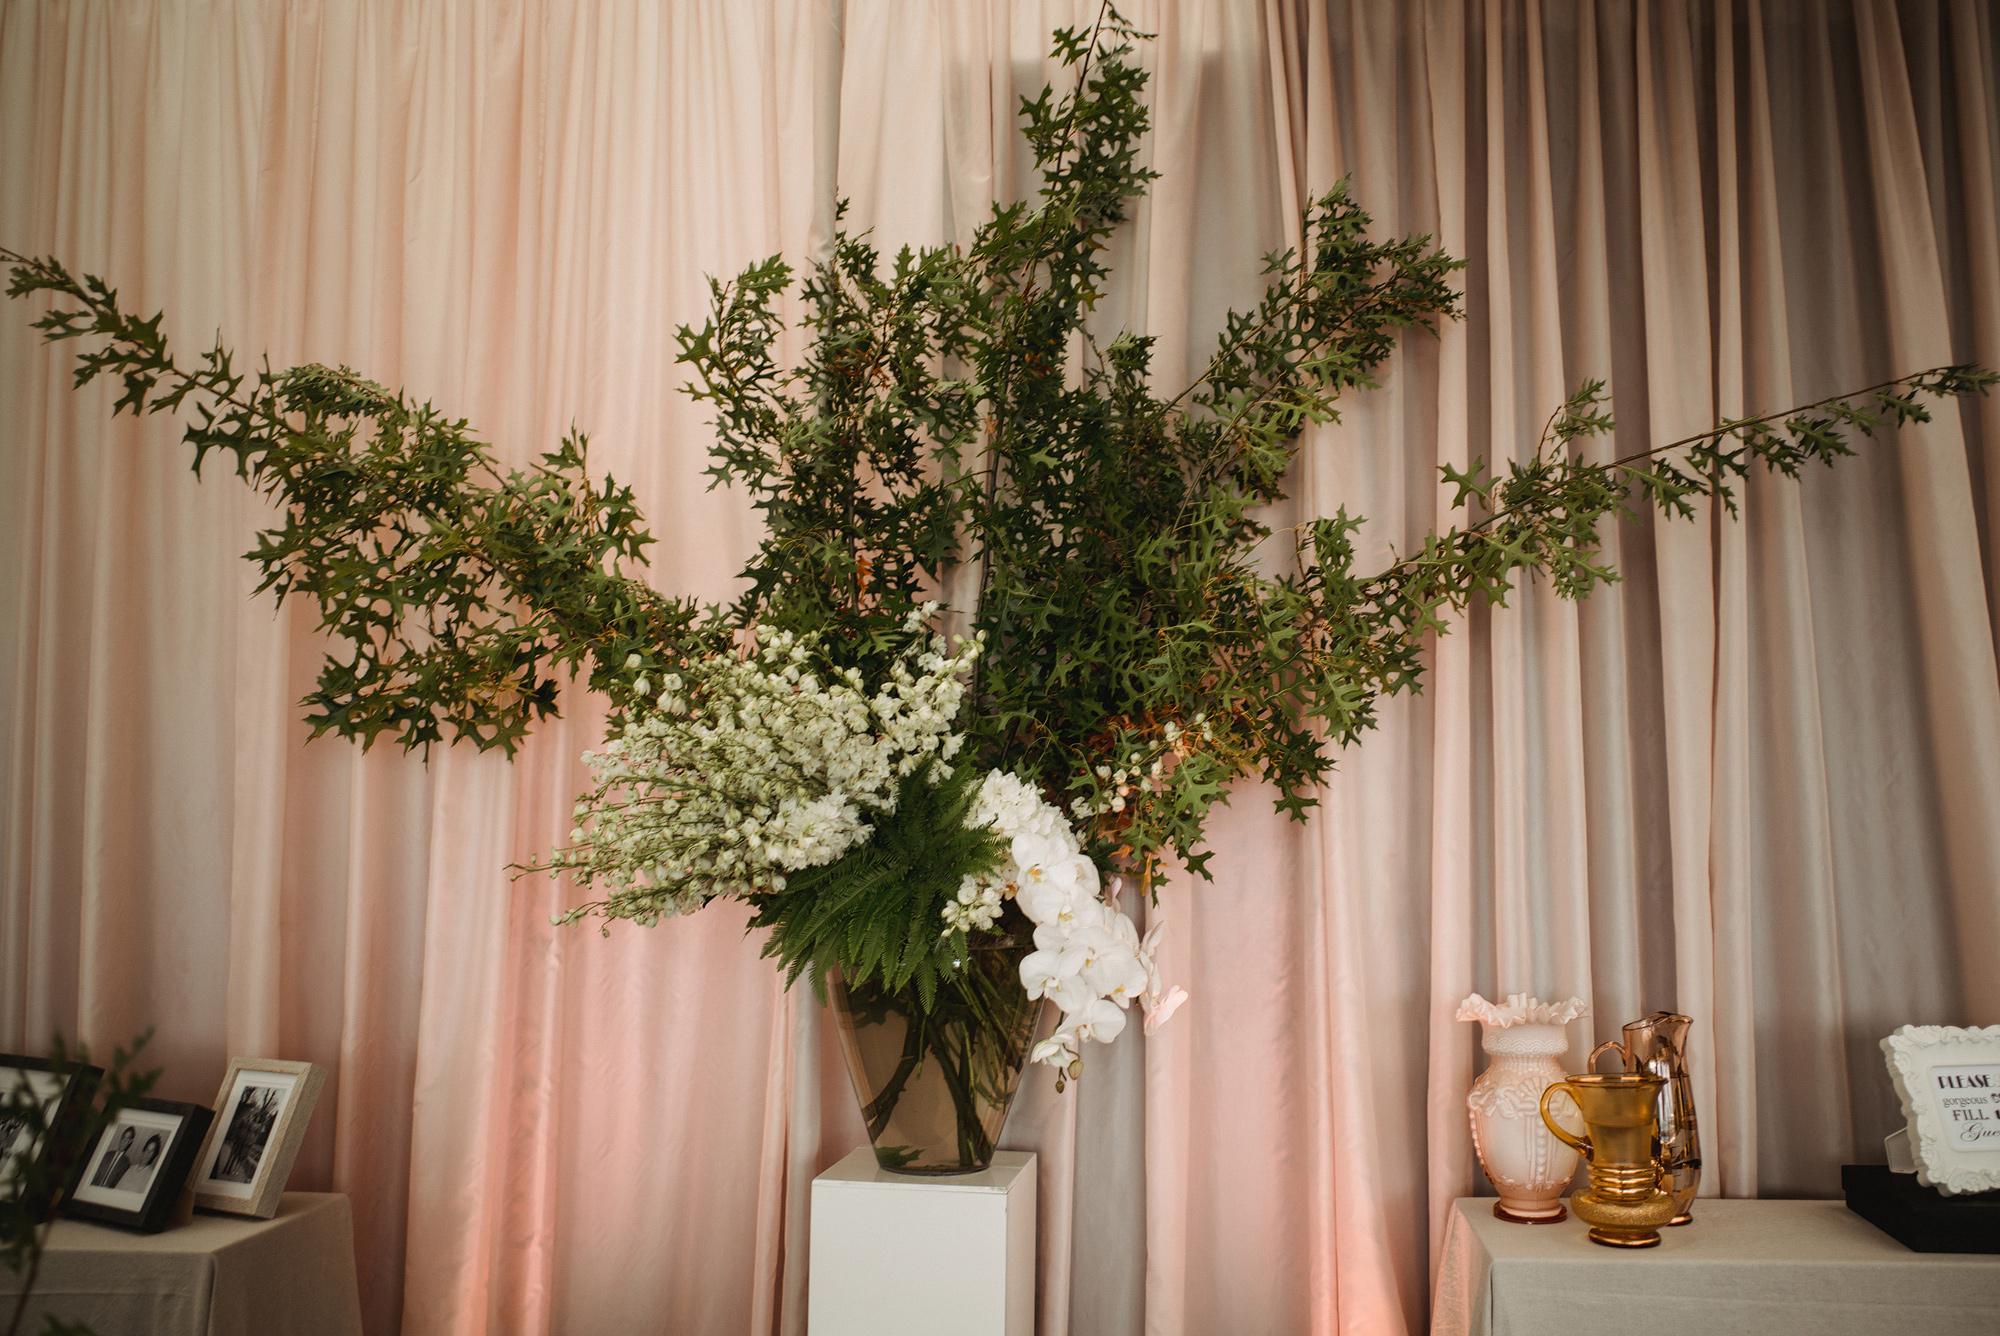 Ceci_New_York_Custom_Invitation_Australia_Perth_Destination_Wedding_Luxury_Personalized_Ceci_Style_Bride_57.jpg